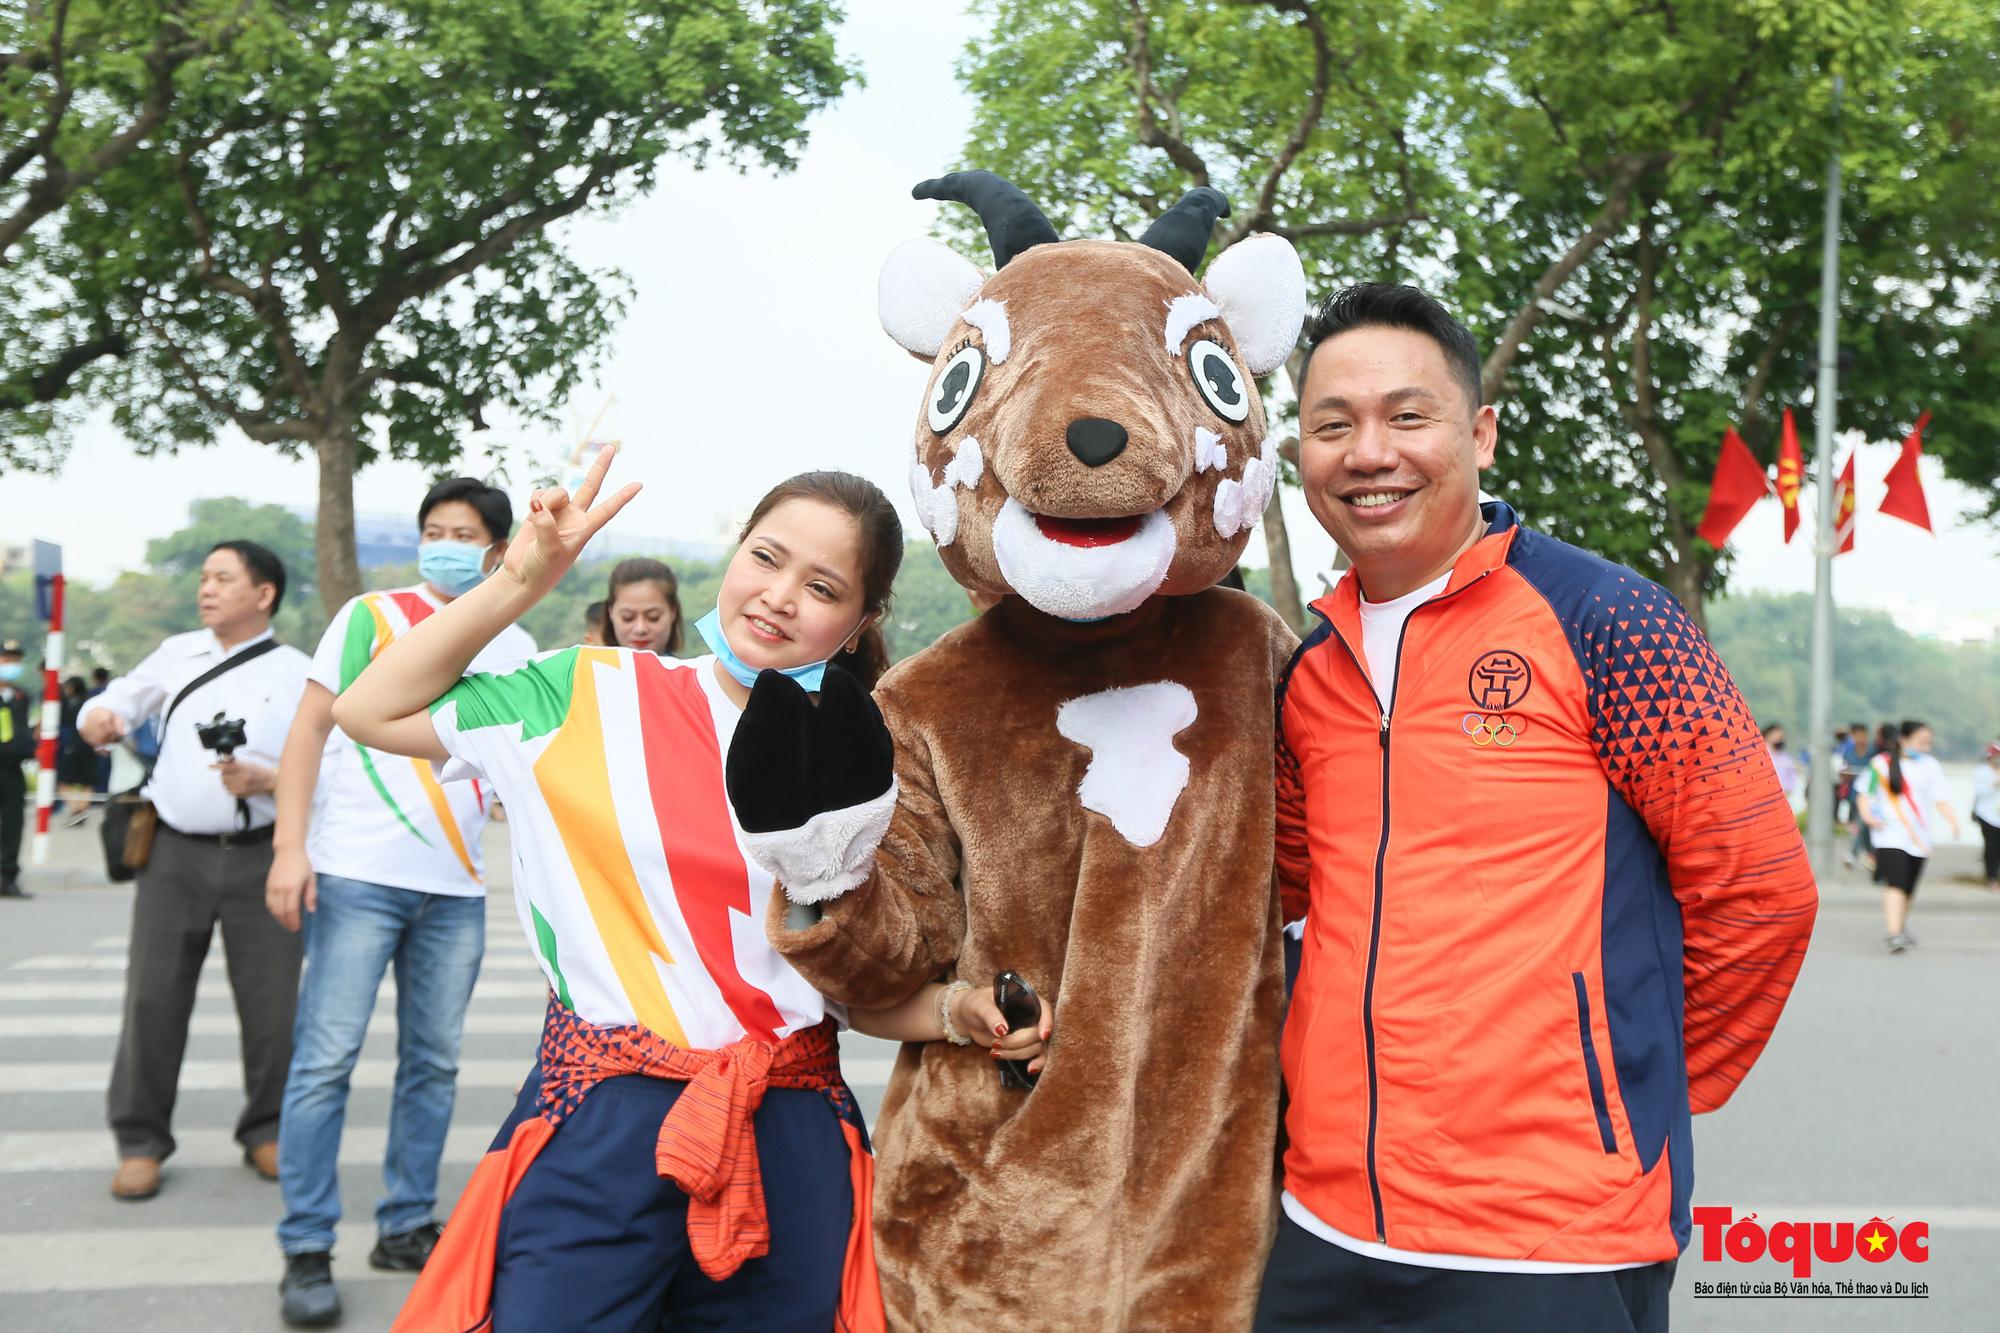 Khởi động cùng SEA Games 31 - Việt Nam sẵn sàng cho Đại hội thể thao lớn nhất Đông Nam Á  - Ảnh 15.